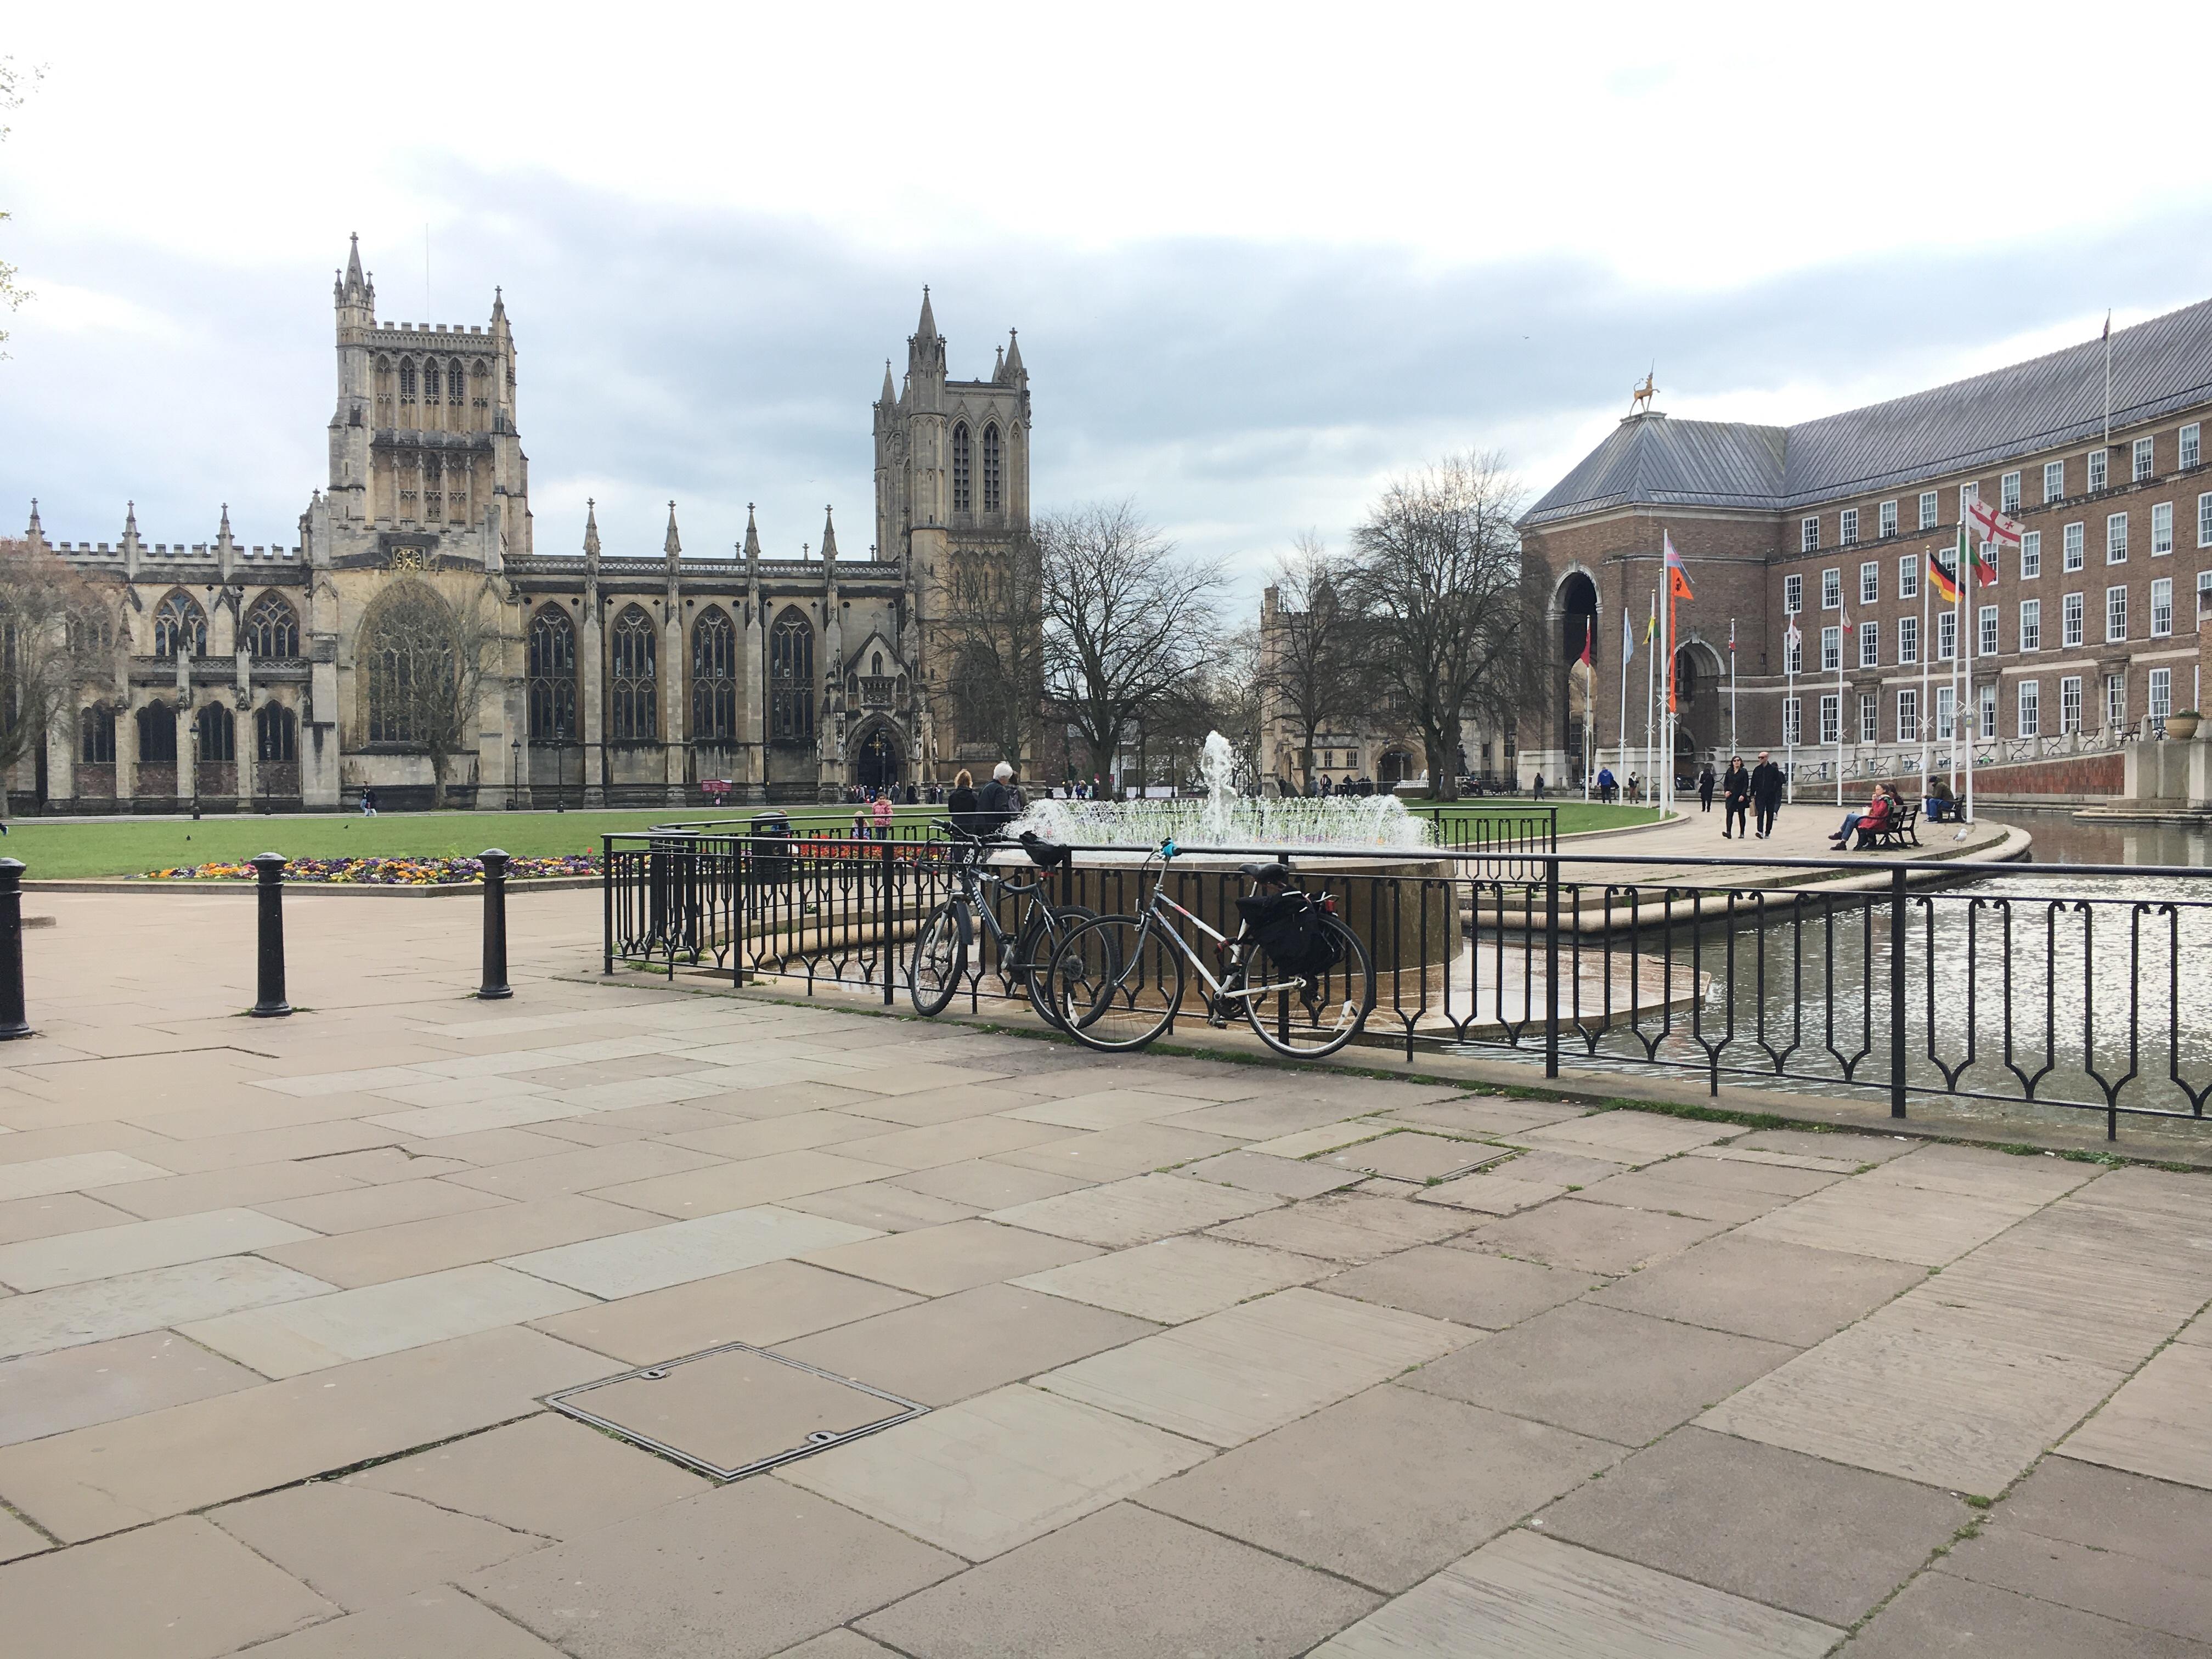 Bristol Cathedral, FindYourOwnLight, Church, Travel,